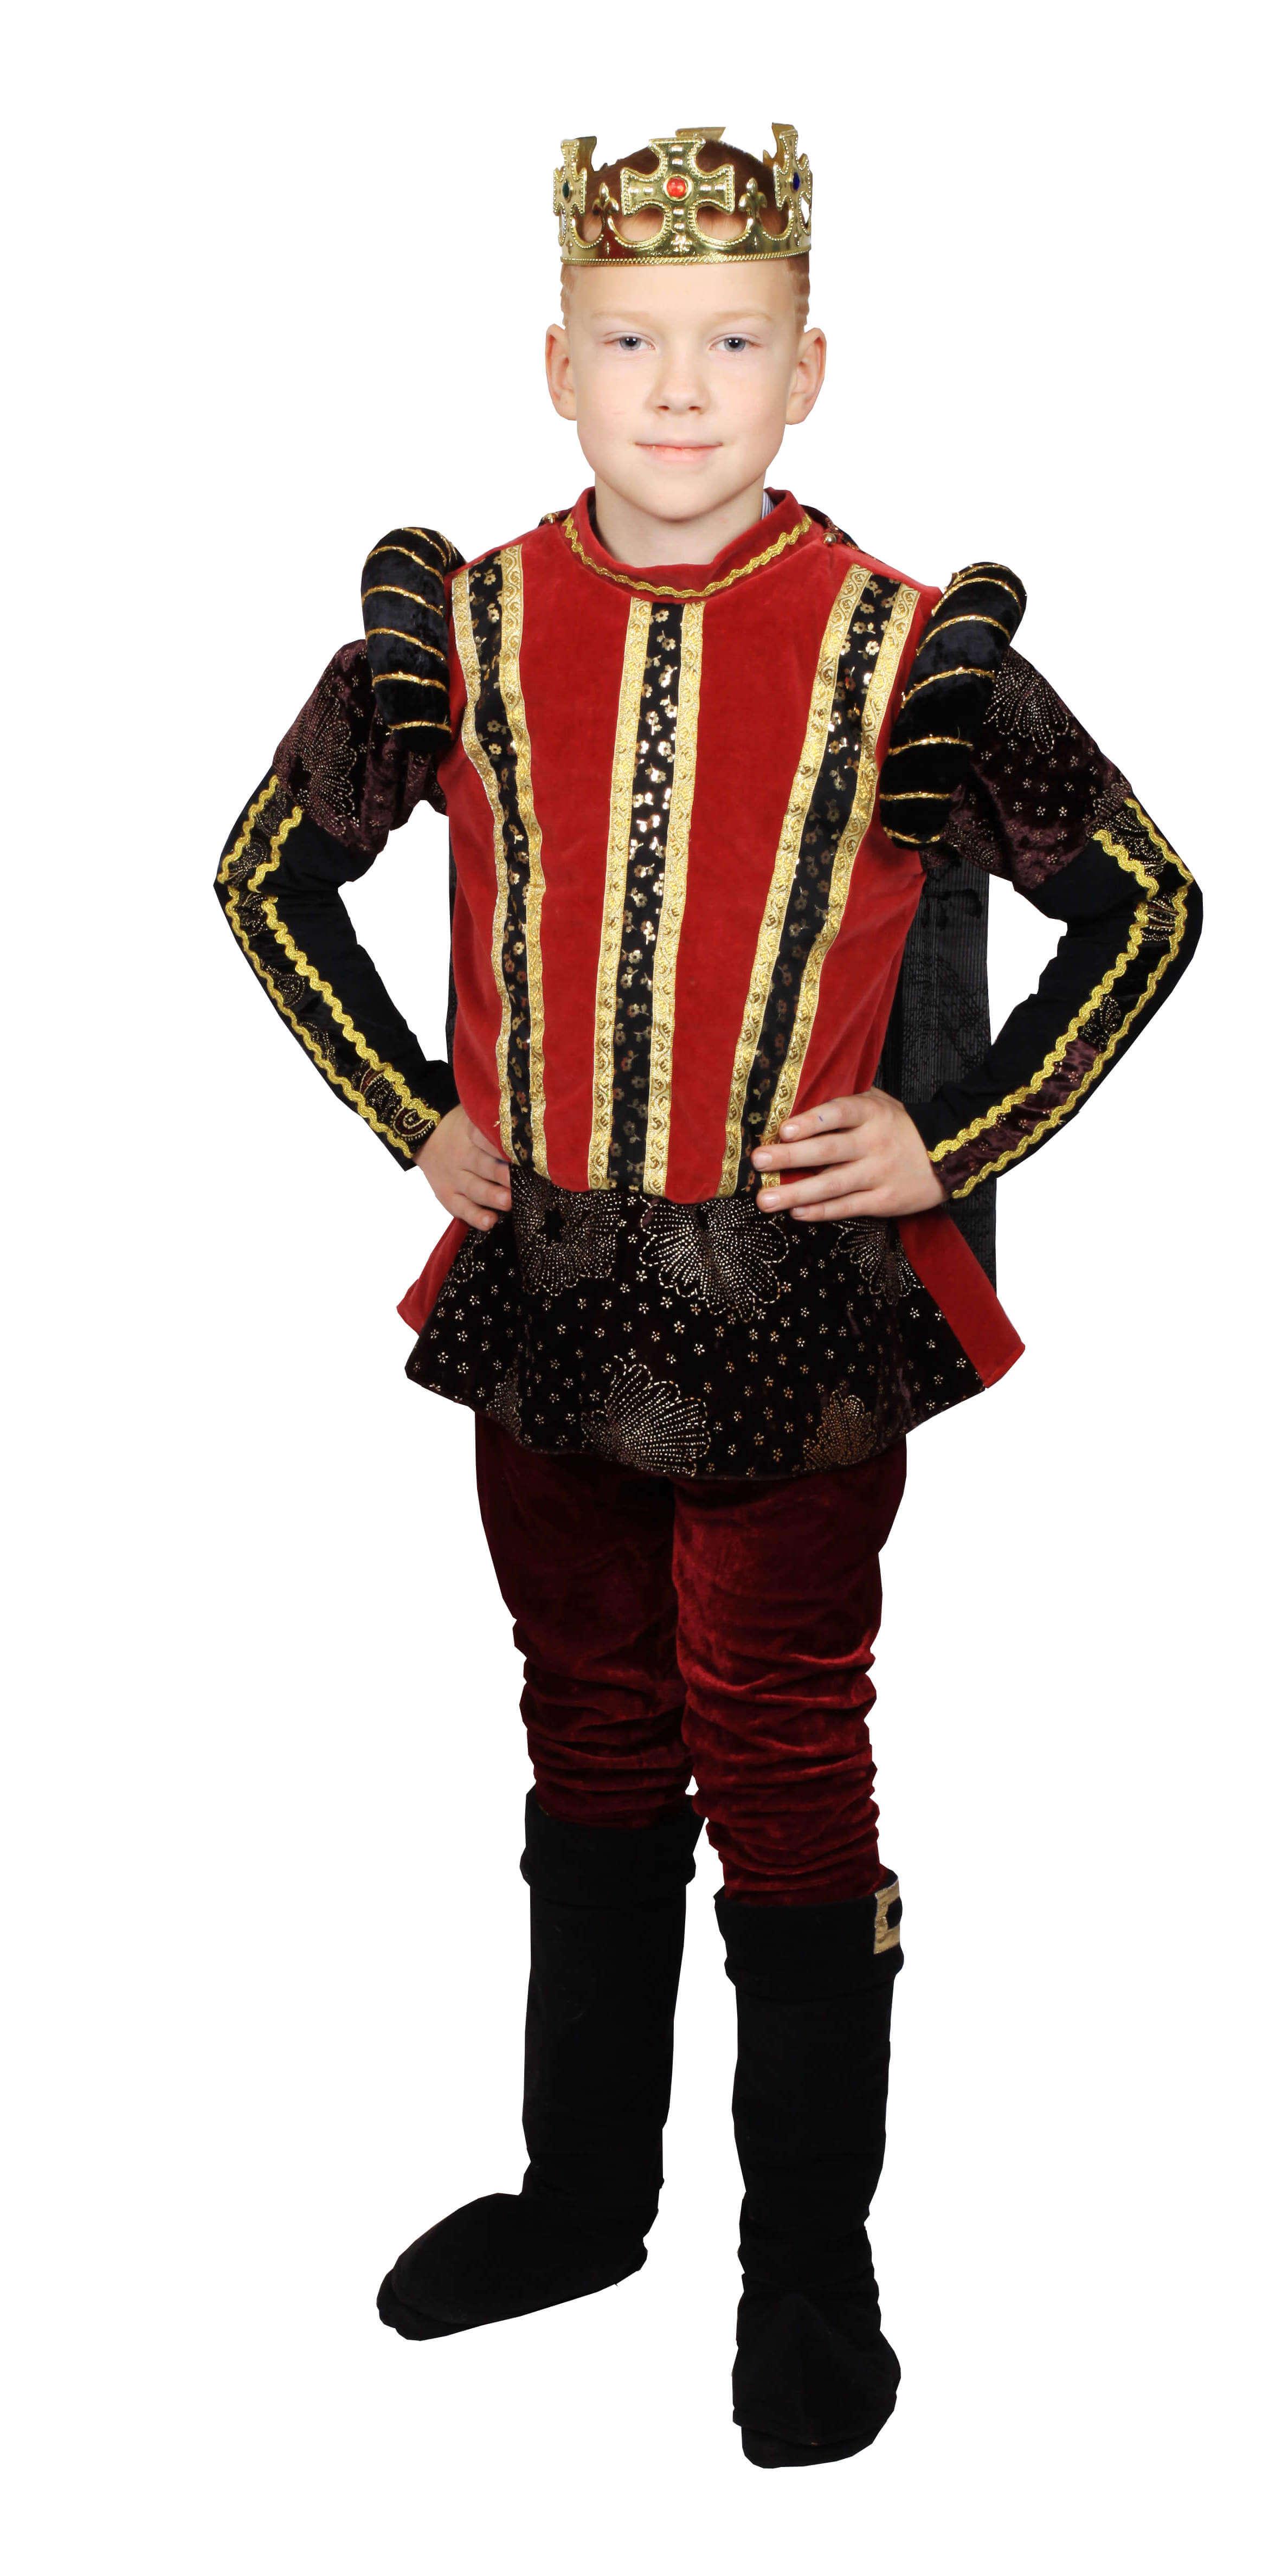 Karaliaus kostiumas. Kaina 25 Eur.